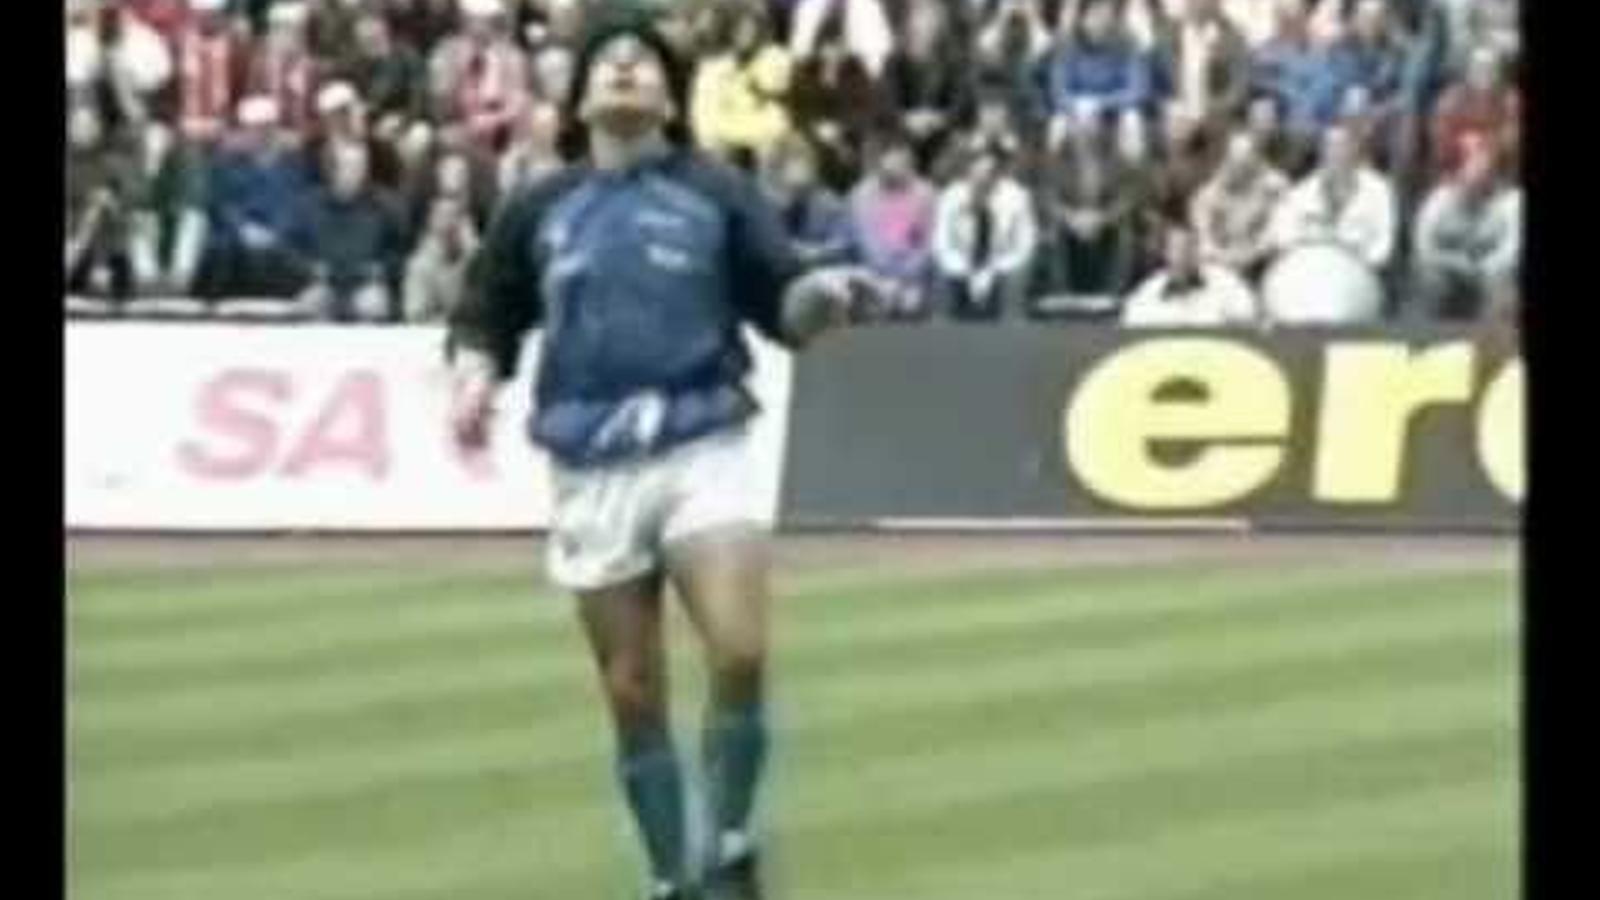 L'esclafament de Maradona al ritme de 'Live is life'